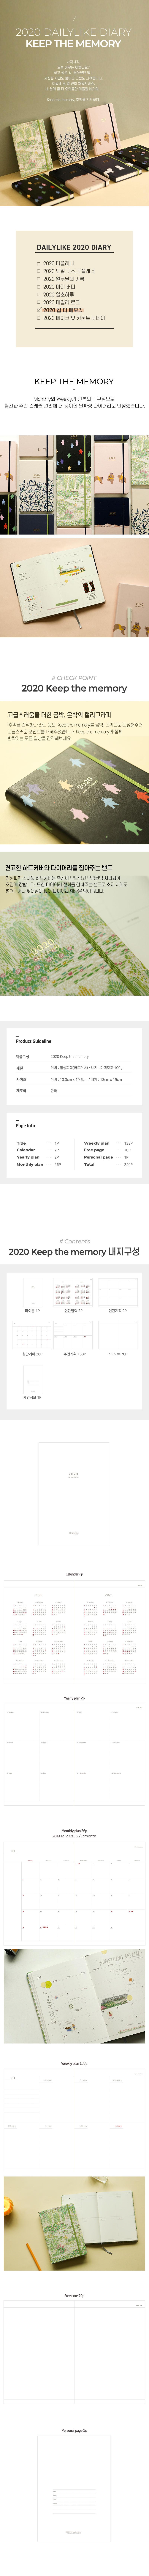 2020 킵 더 메모리 01-06 - 데일리라이크, 15,000원, 2020 다이어리, 일러스트